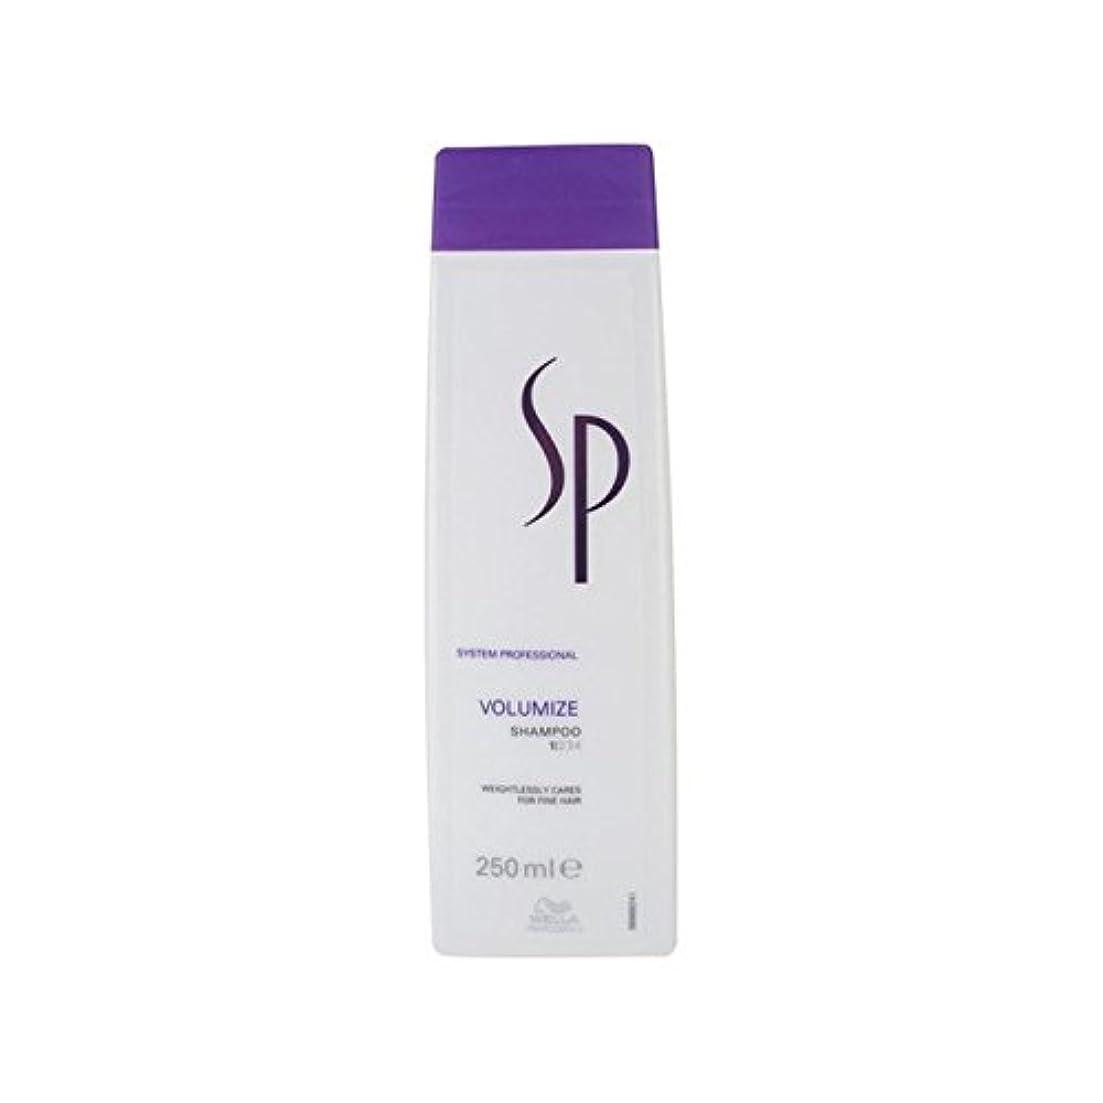 欺鳴り響く統合Wella Sp Volumize Shampoo (250ml) (Pack of 6) - ウエラボリューム化()シャンプー(250ミリリットル) x6 [並行輸入品]